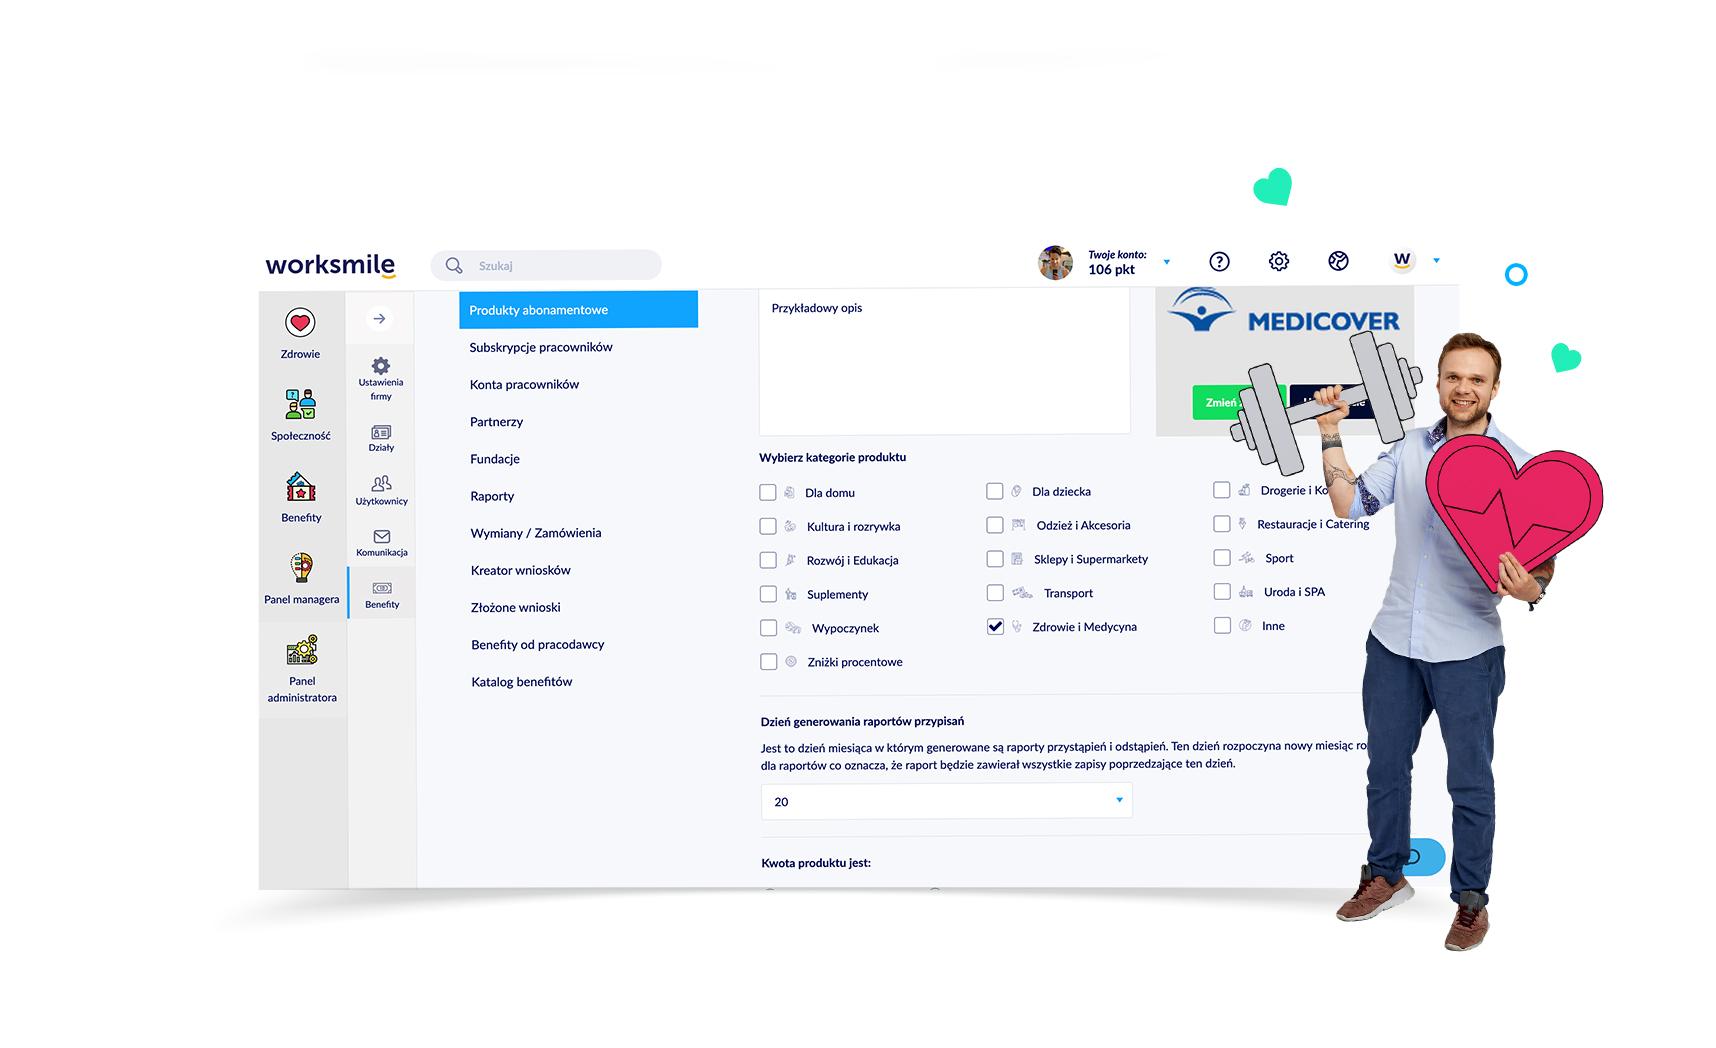 Worksmile - Wszystkie benefity pracownicze w jednym miejscu